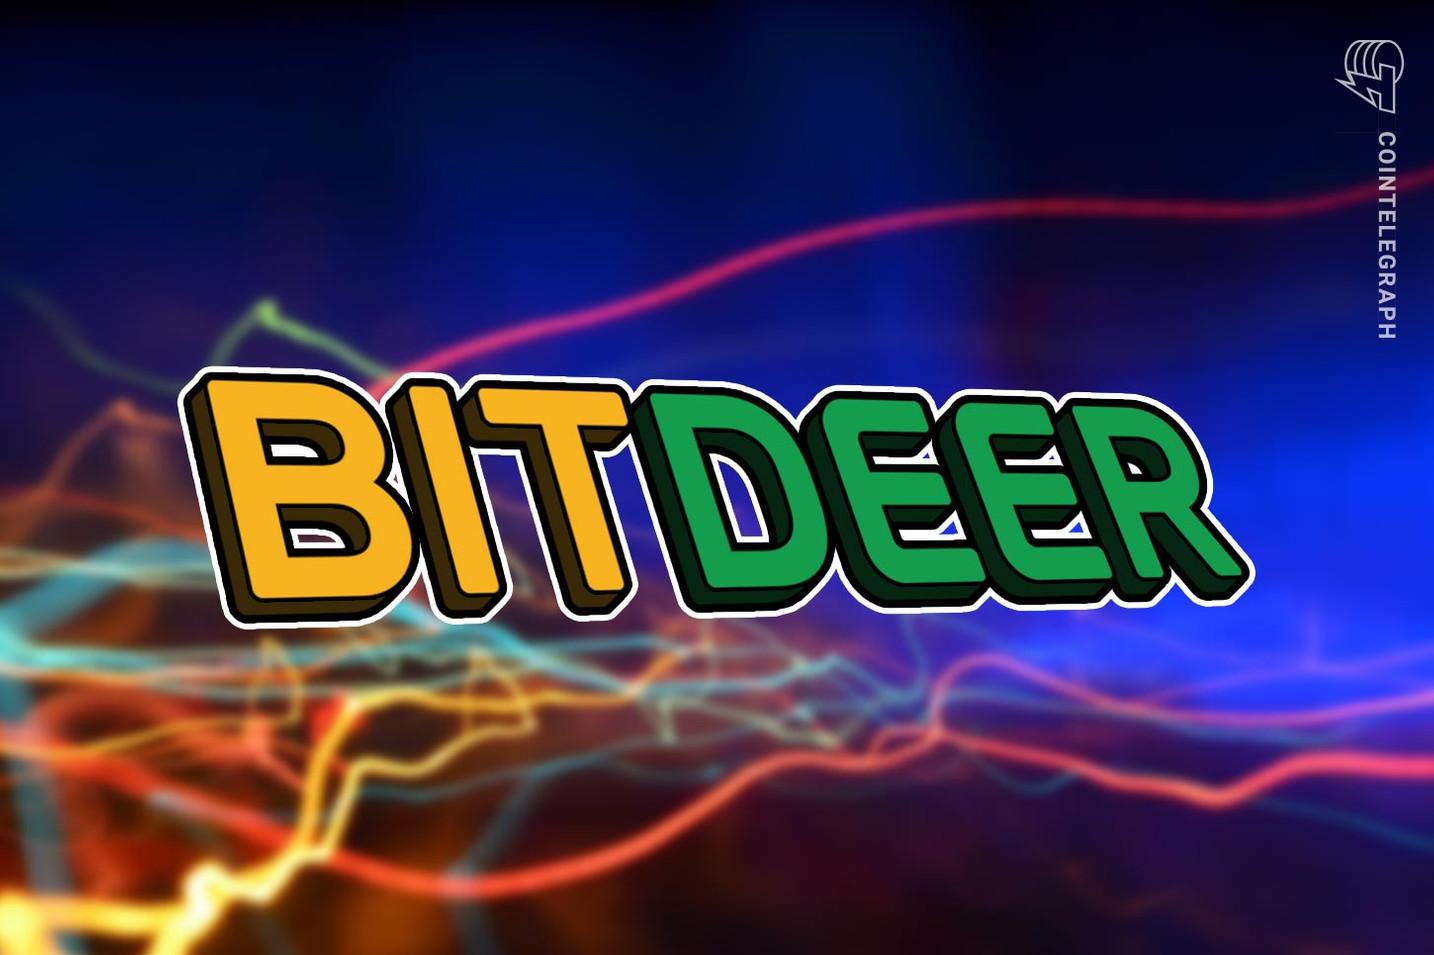 Bitdeer Group, the premier digital asset mining service provider